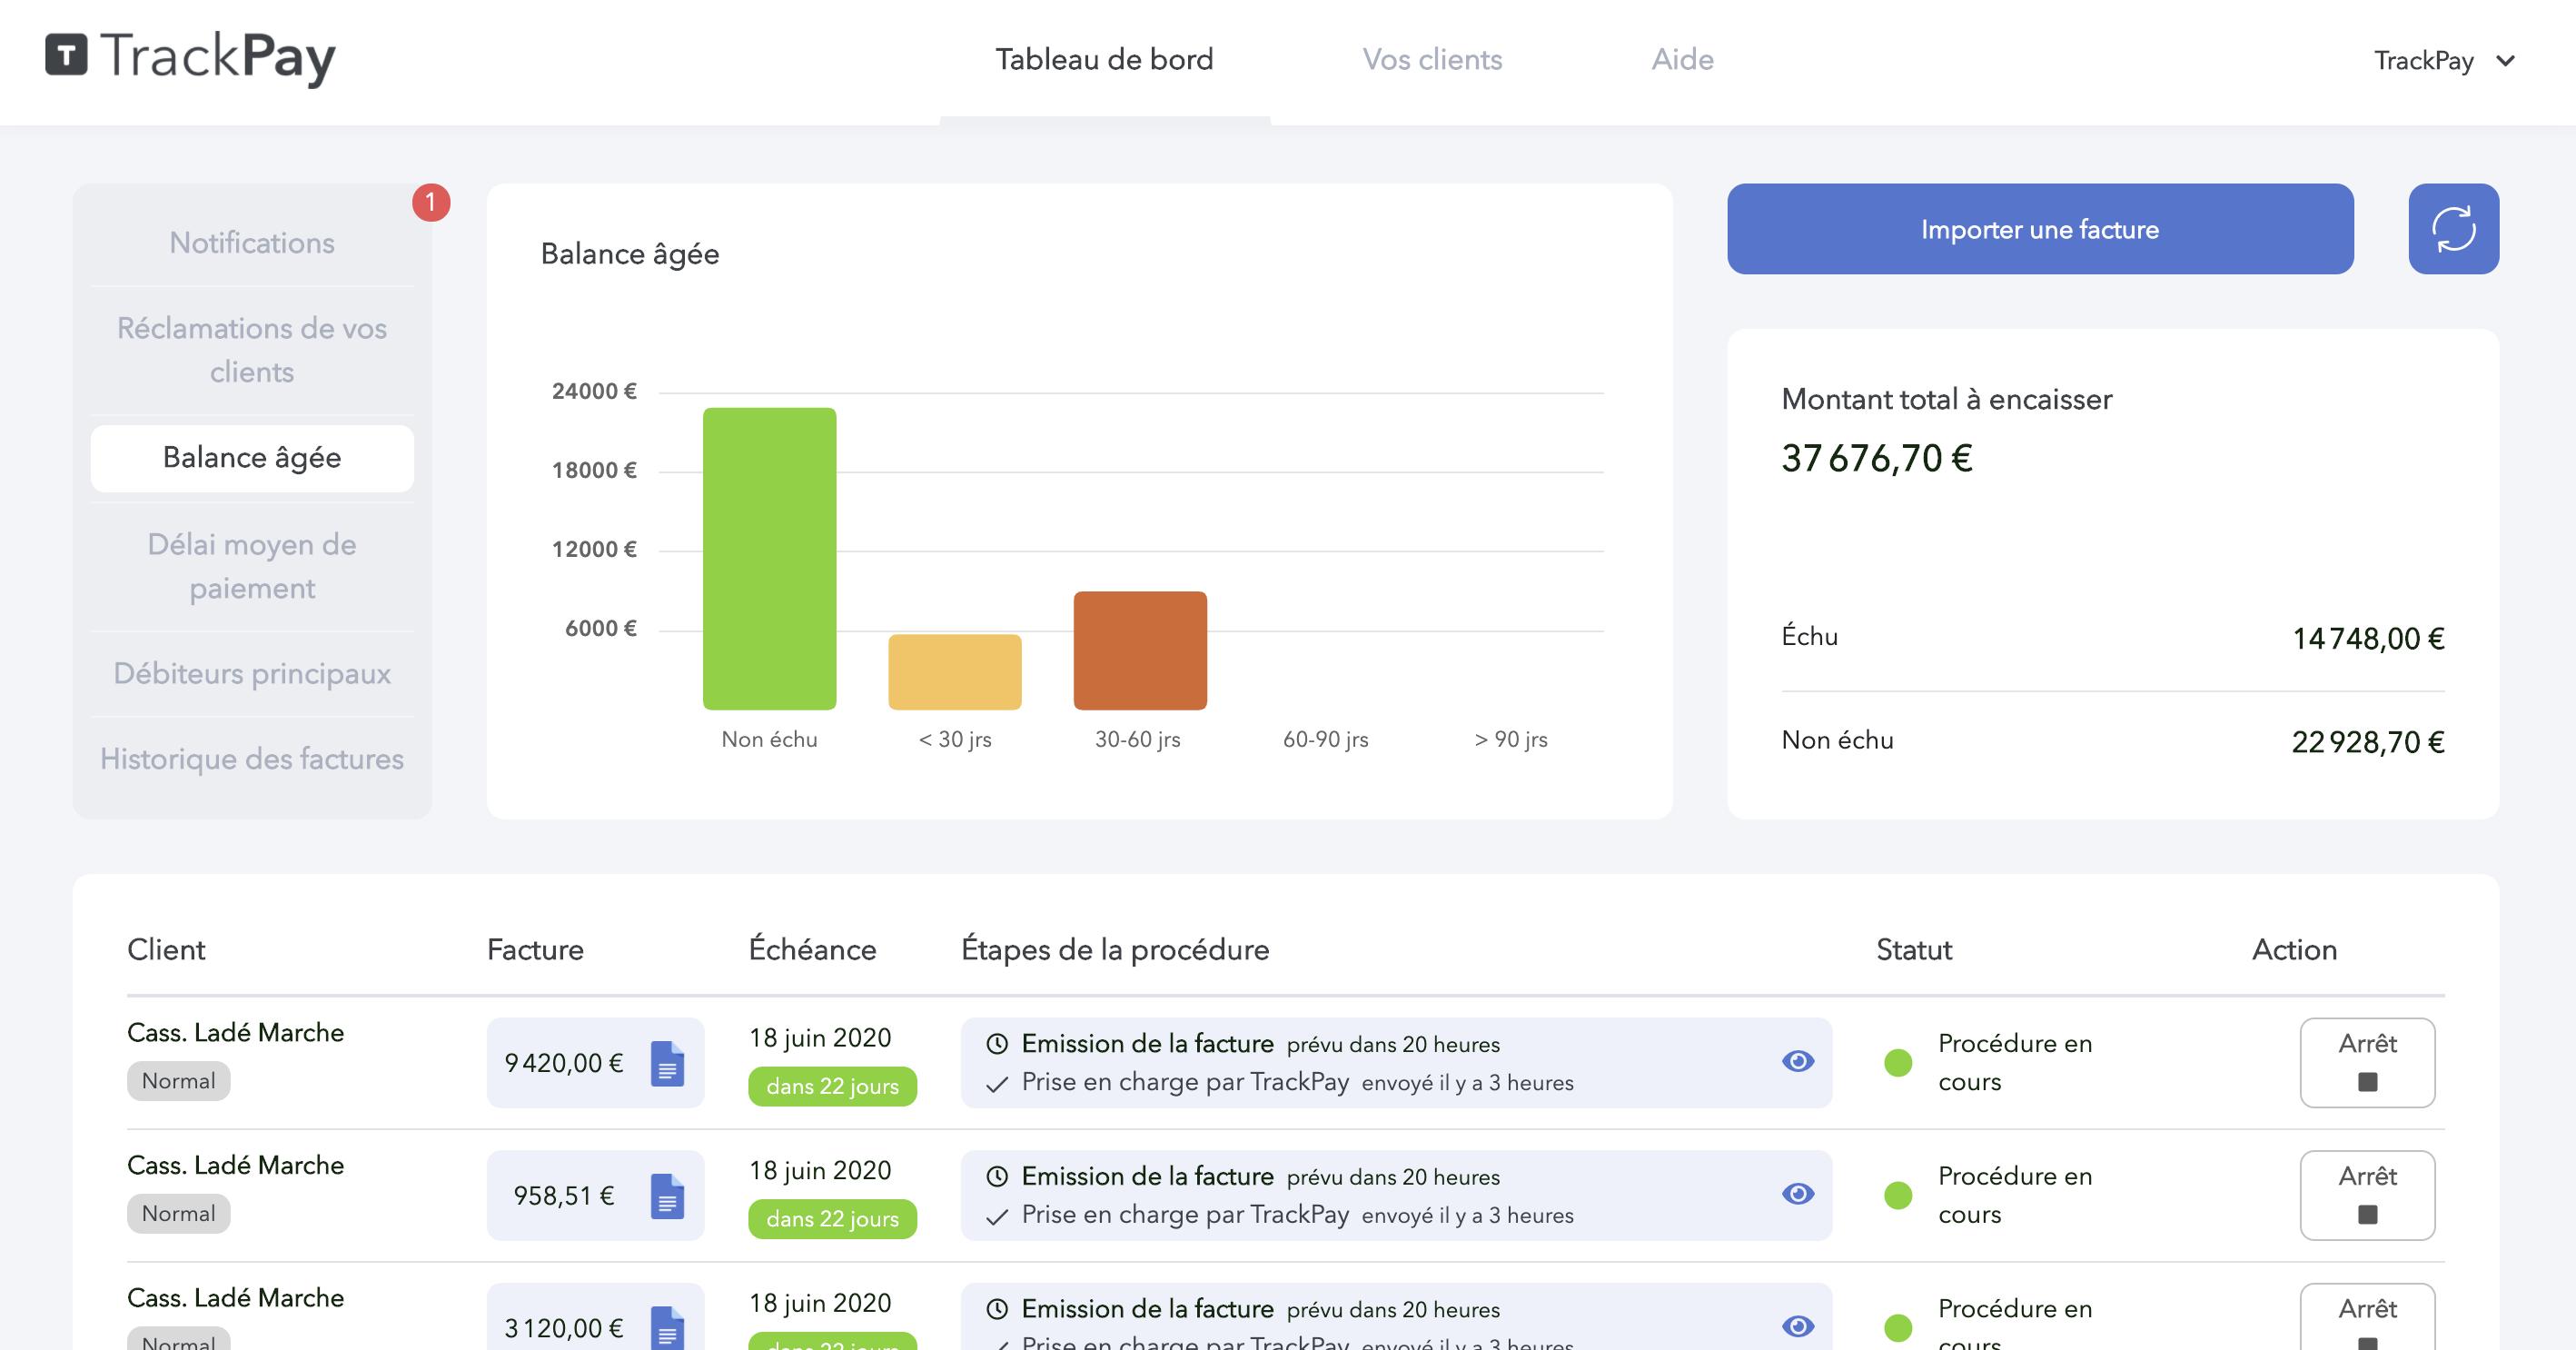 Avis TrackPay : Vos clients vont adorer vous payer ! - appvizer